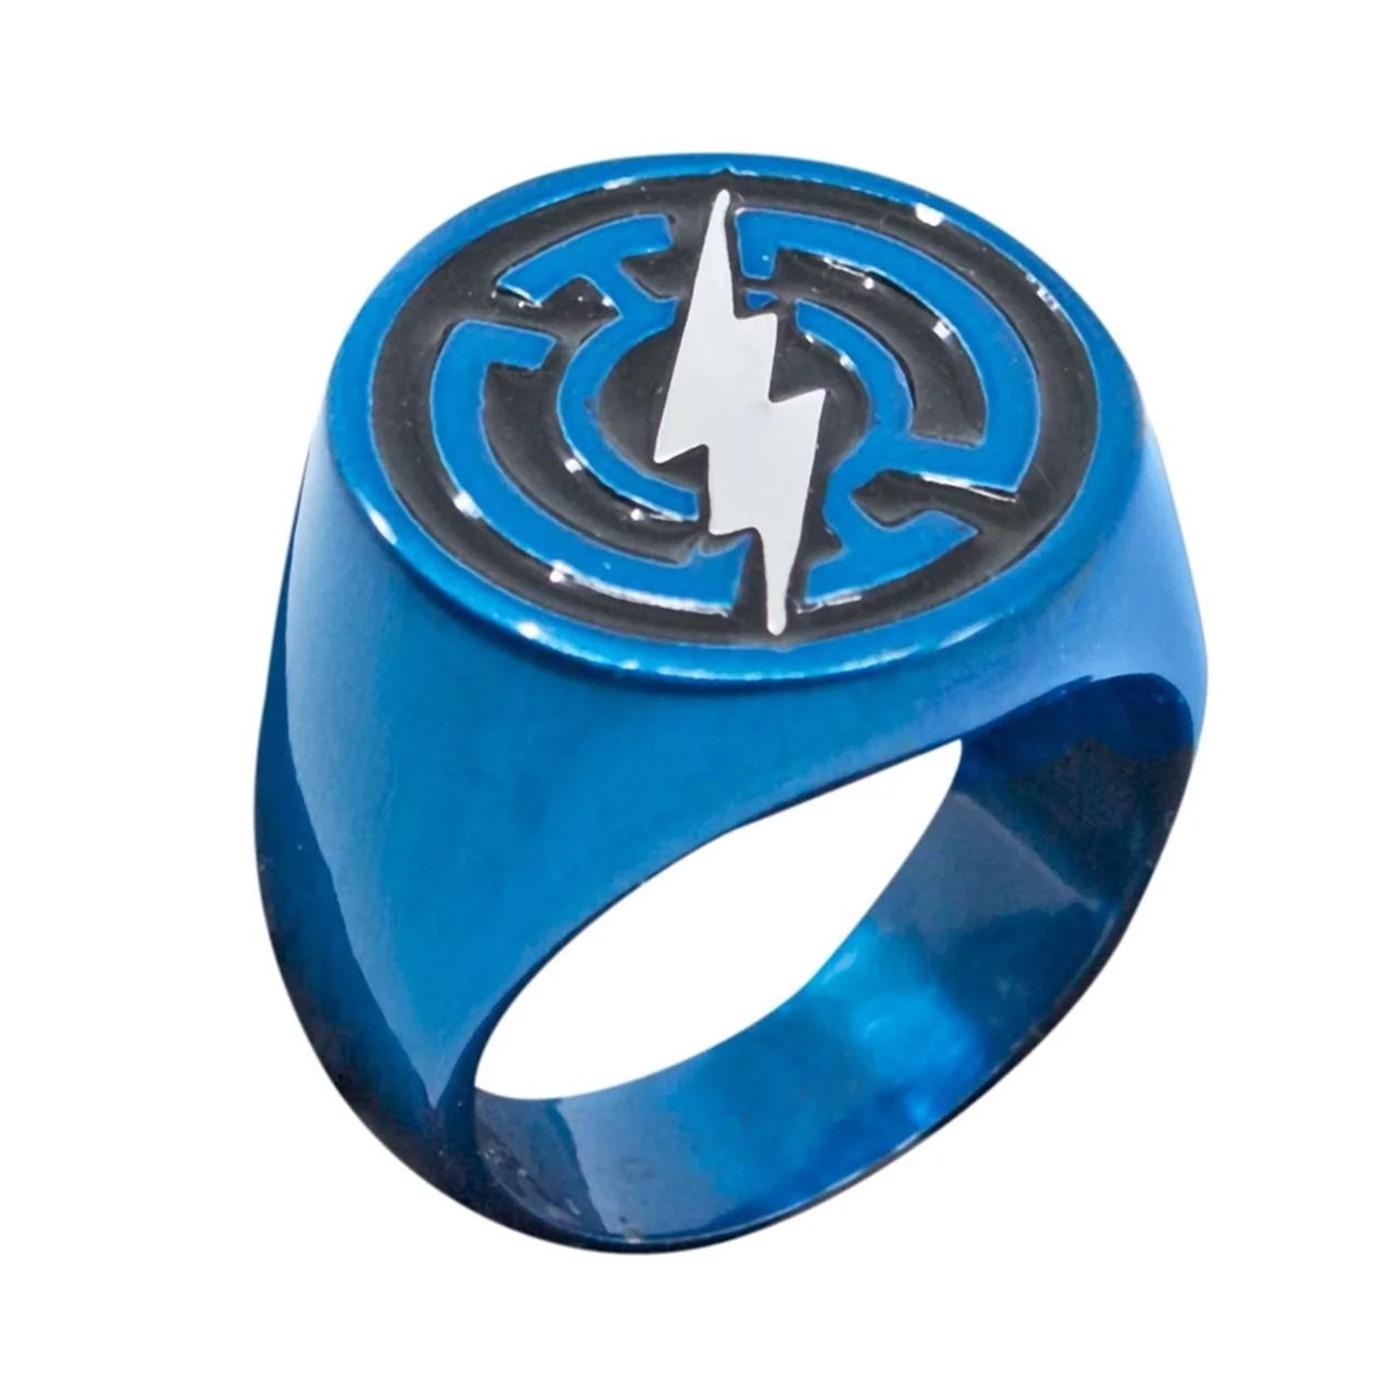 Flash Blue Lantern Power Ring